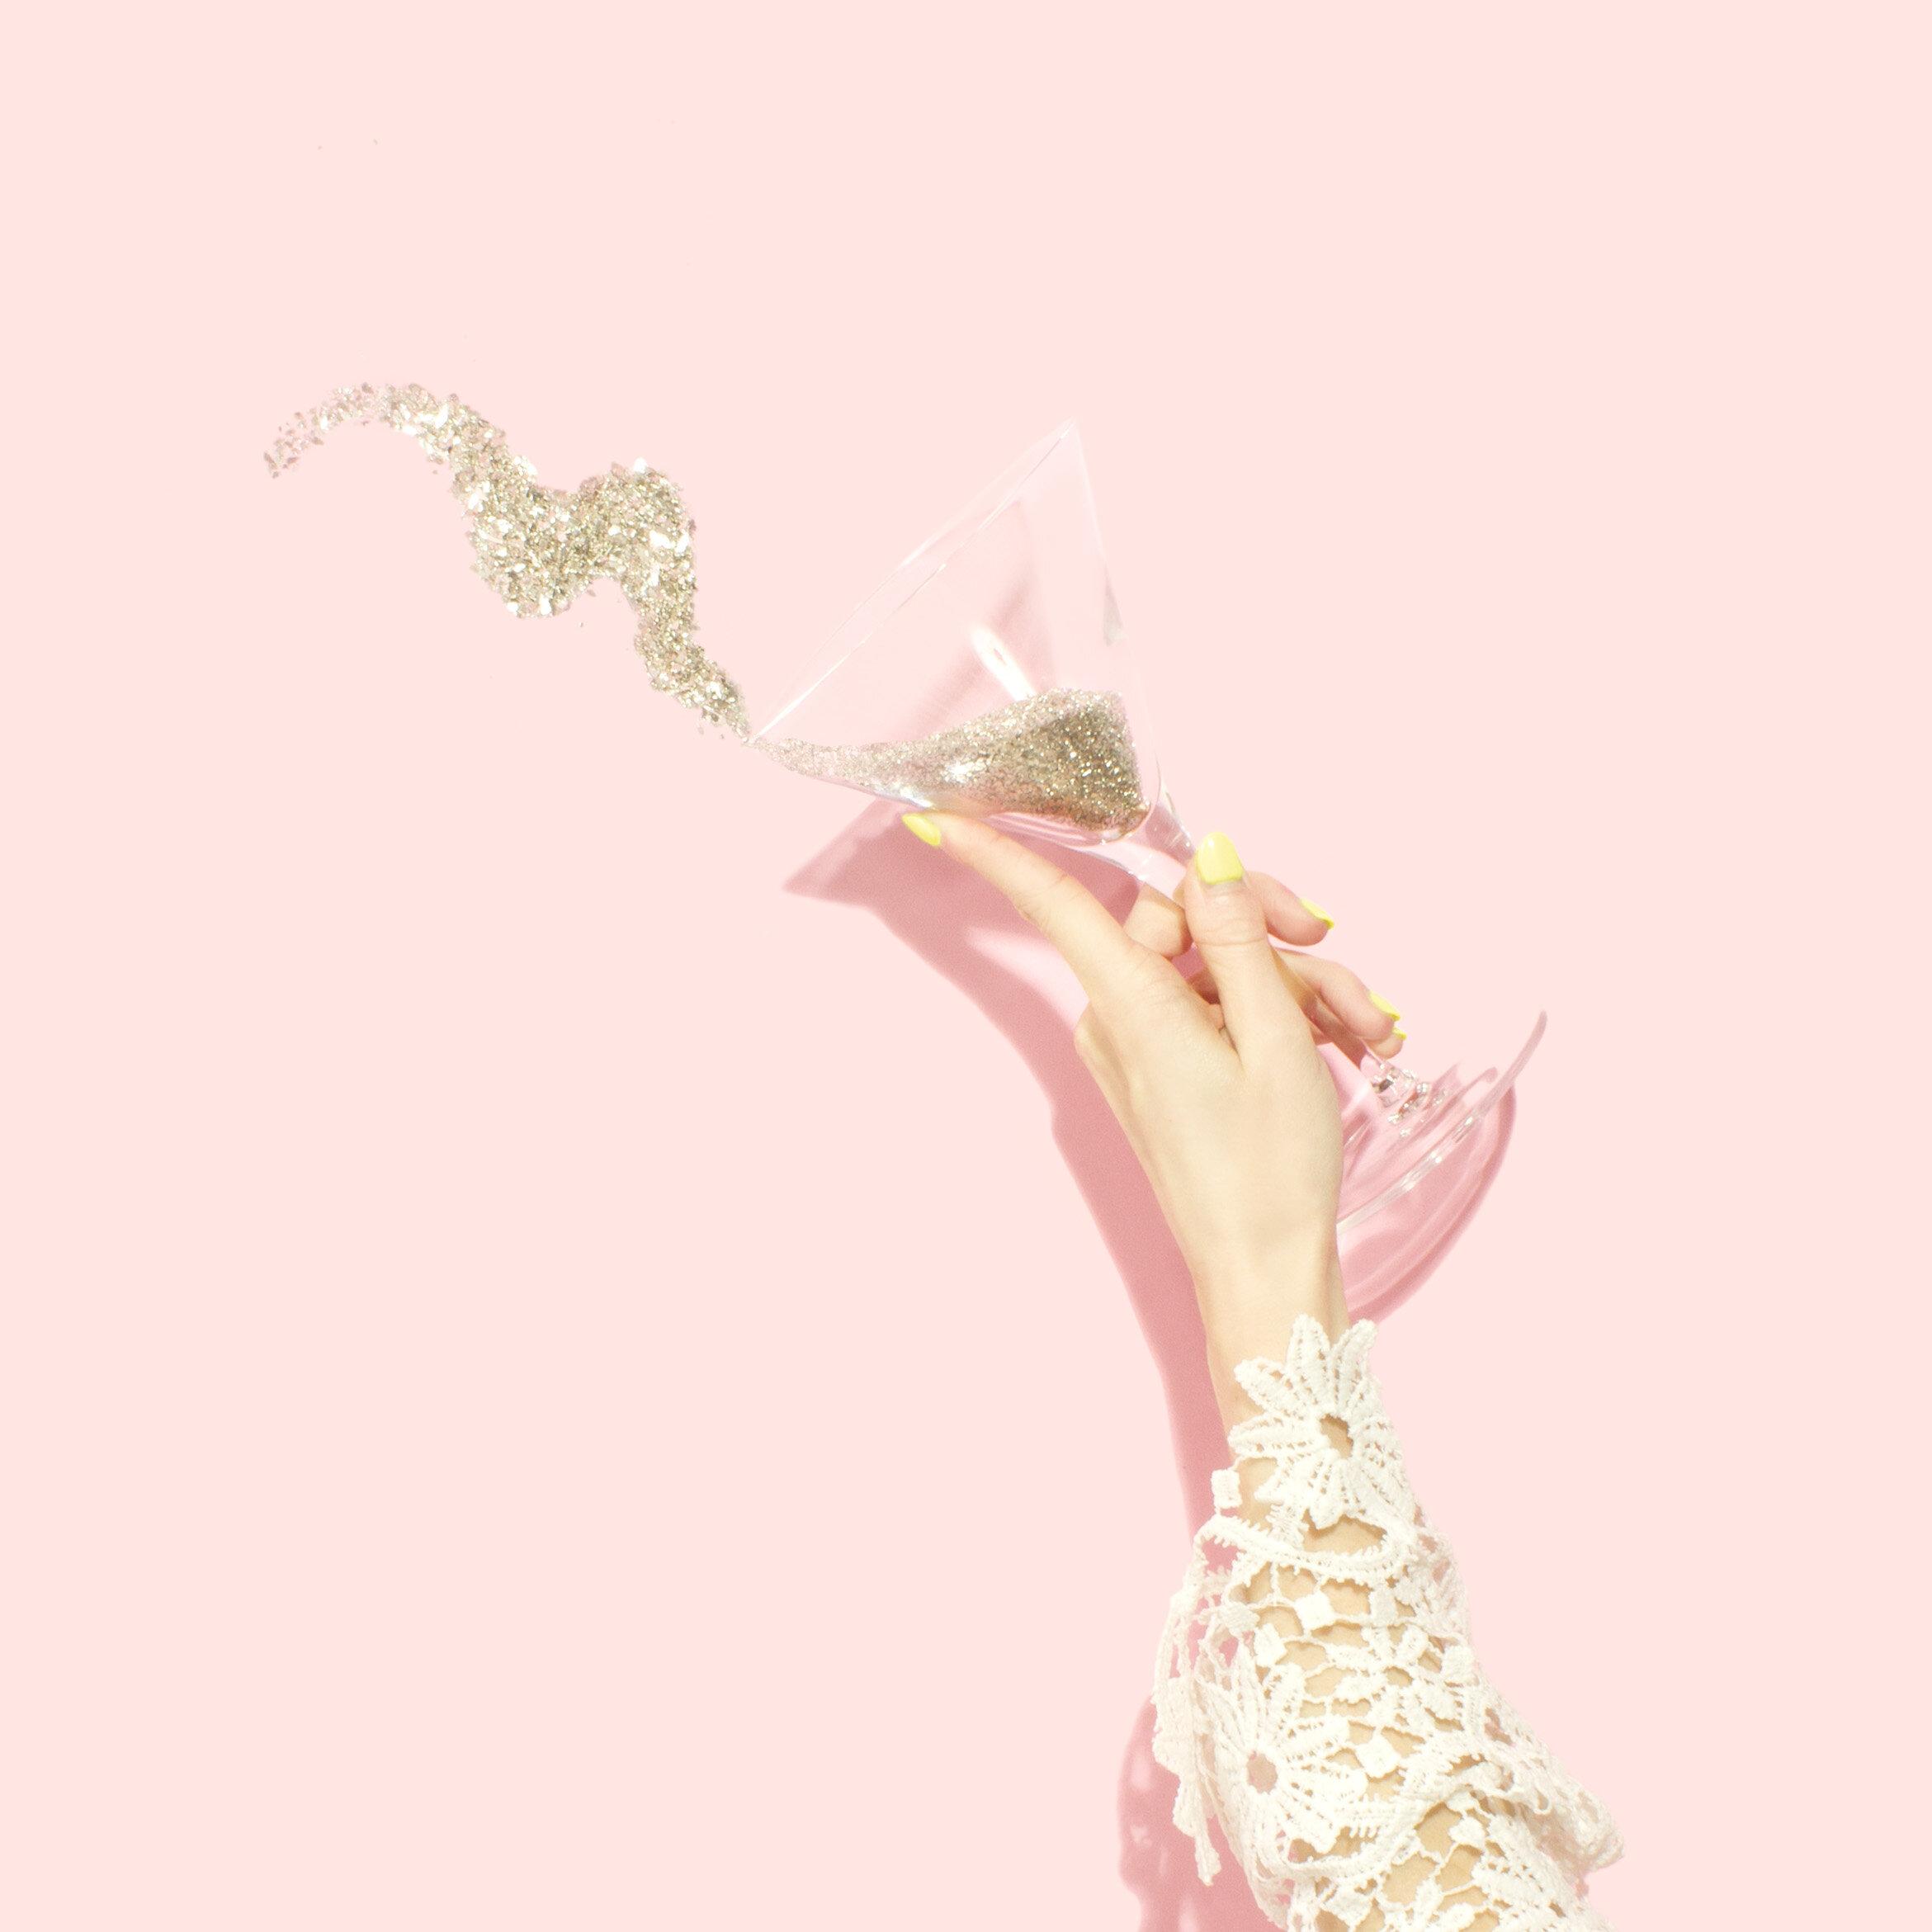 Beauty Lesson Party… - Be Your Own Make Up Artist! Bei der Beauty Lesson Party geht es darum, dass du und deine Freundinnen tolle do´s and don'ts lernt um ein perfektes Tages Make-up aka Signature Look zu kreieren!Teilnehmeranzahl 4 – 8 PersonenDauer des Events beträgt 2 – 2,5 Stunden.Preis Pro Person 85 €1 Welcome Drink & 1 Coffee oder Tee ist immer dabeiExtras:Sweet Breakfast: (Vorbestellung)1 Portion Home made Banana Bread 1 Carrot-Orange Juice 0,3 ml Preis p.P.: 10 €Ideal für: Geburtstage, Girls Beauty Day Petit Comité, Baby Shower, JGA usw.Good to know: Dieses Event ist ausnahmslos von Do bis Sa in der Zeit von 10 – 13 Uhr buchbar.